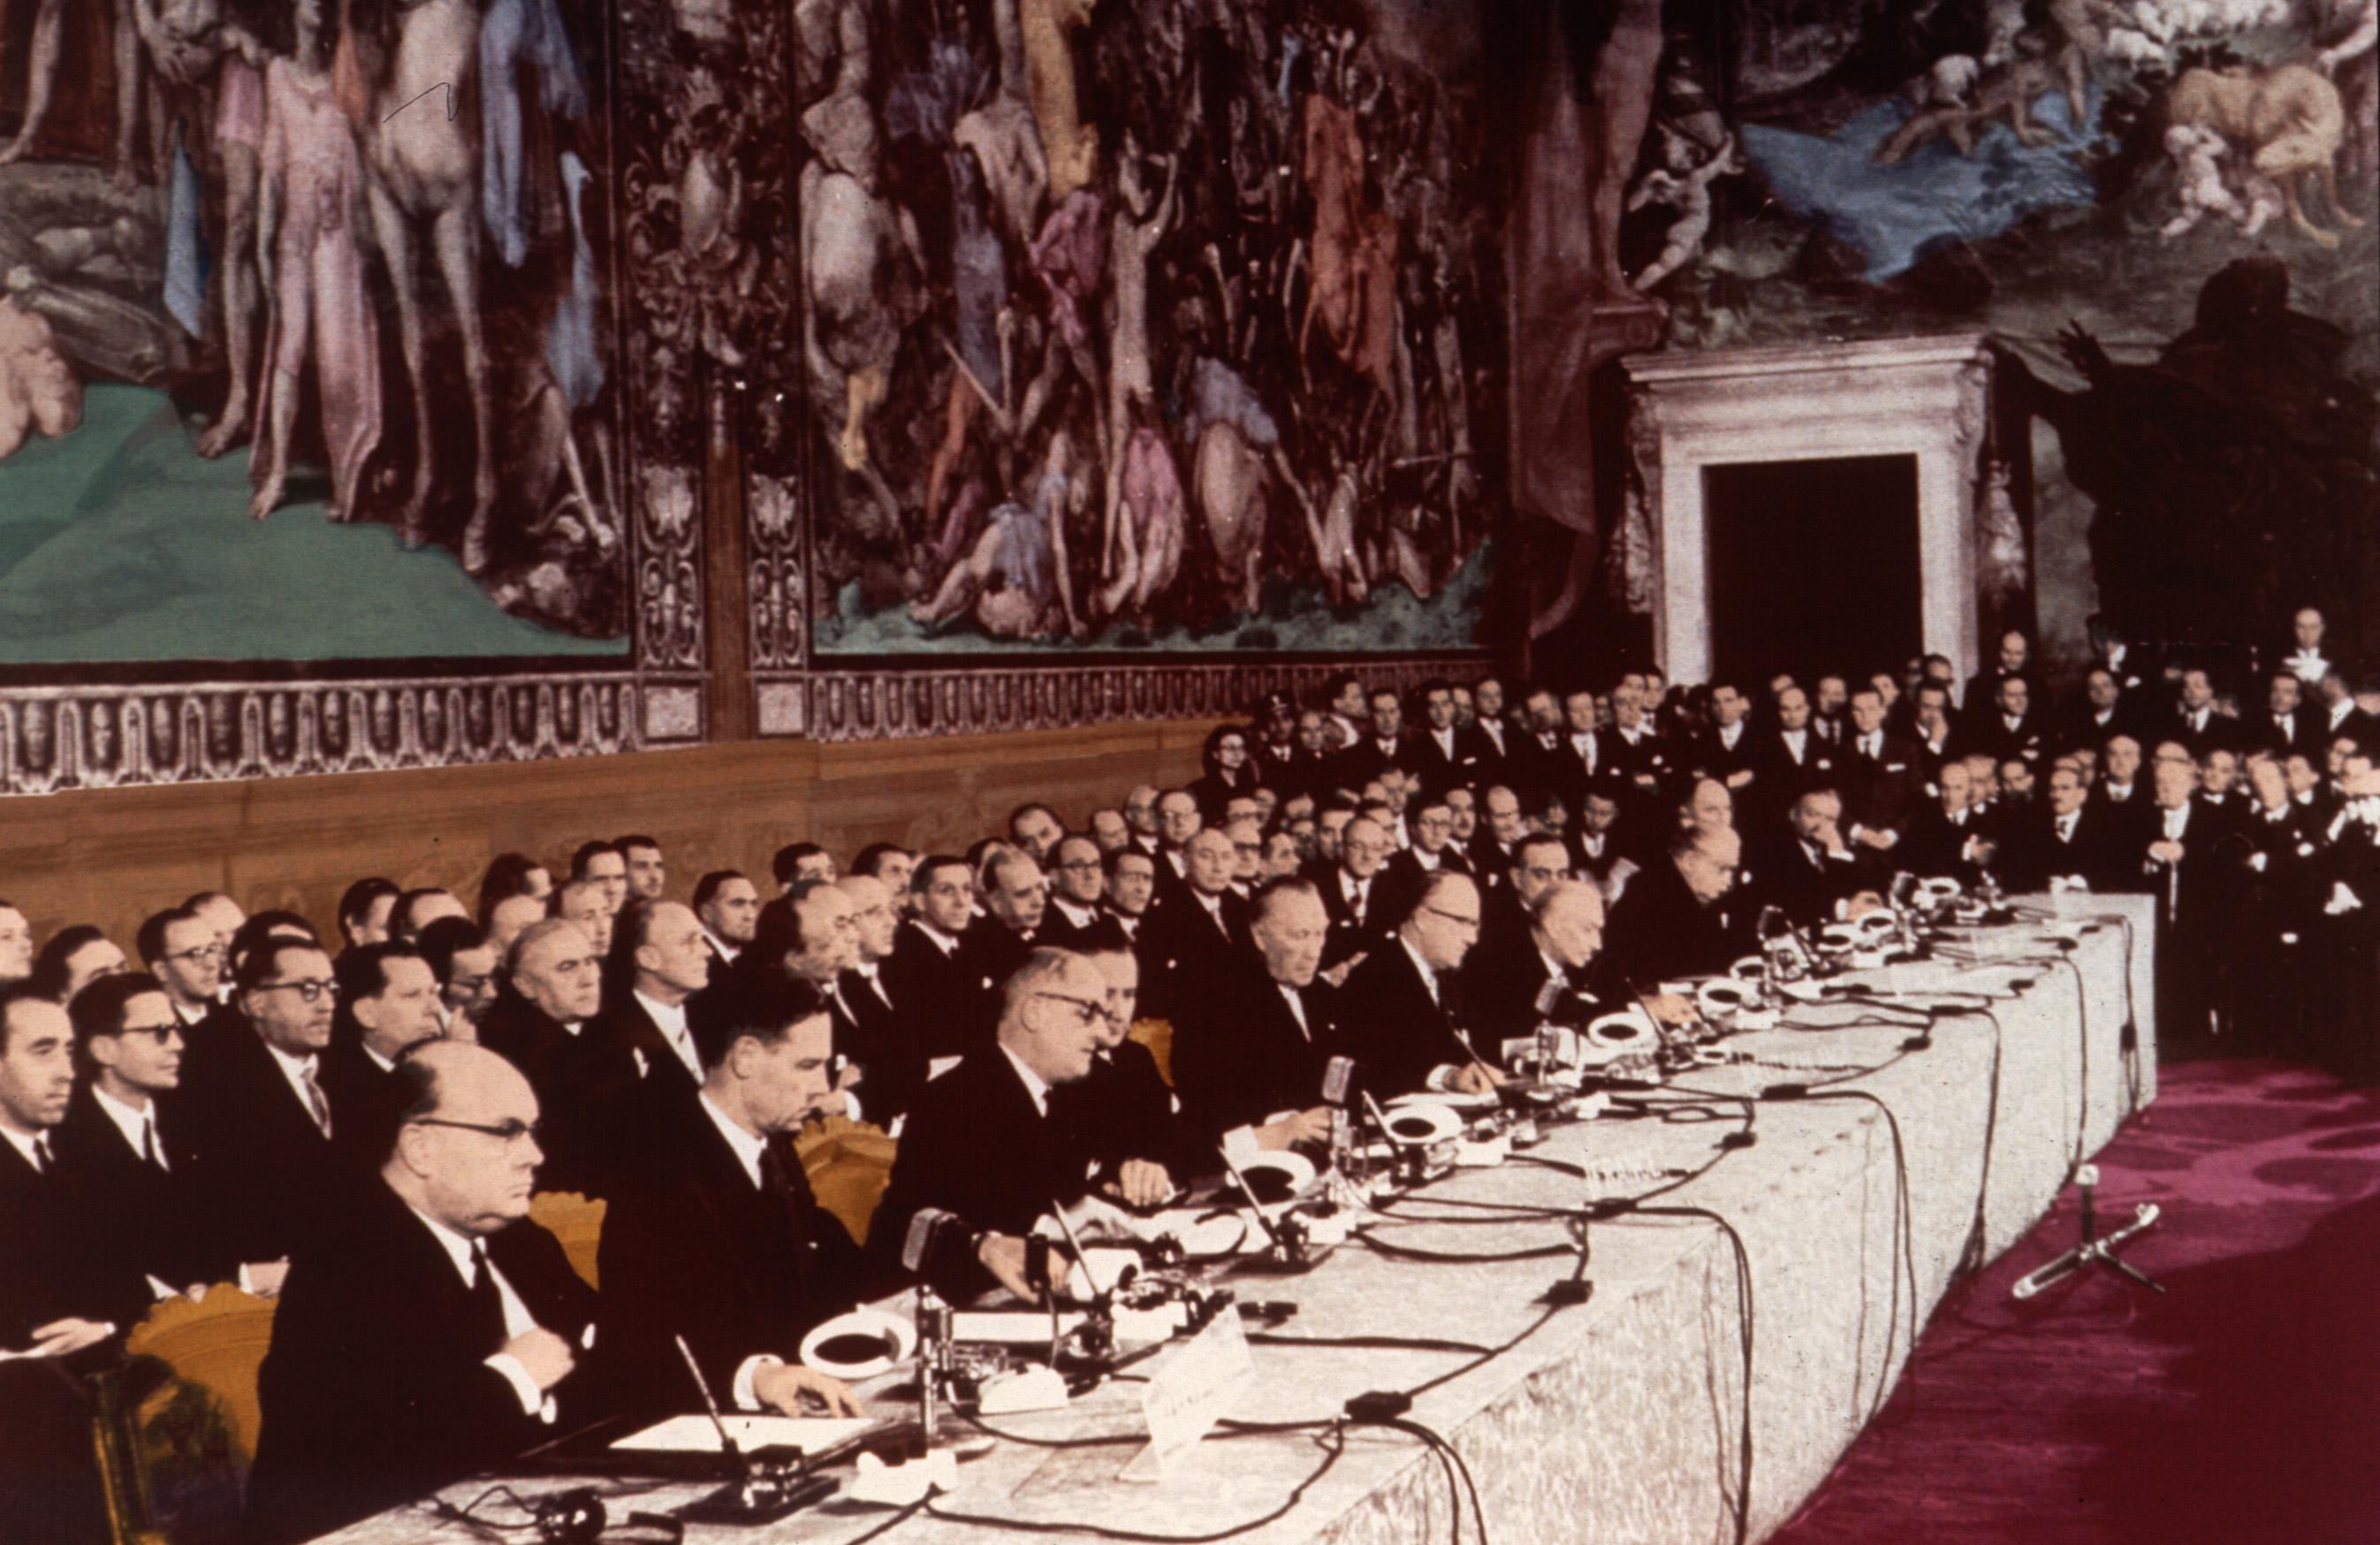 Церемония подписания Римского договора. Капитолийский холм, 25 марта 1957 года. Источник http://dic.academic.ru/